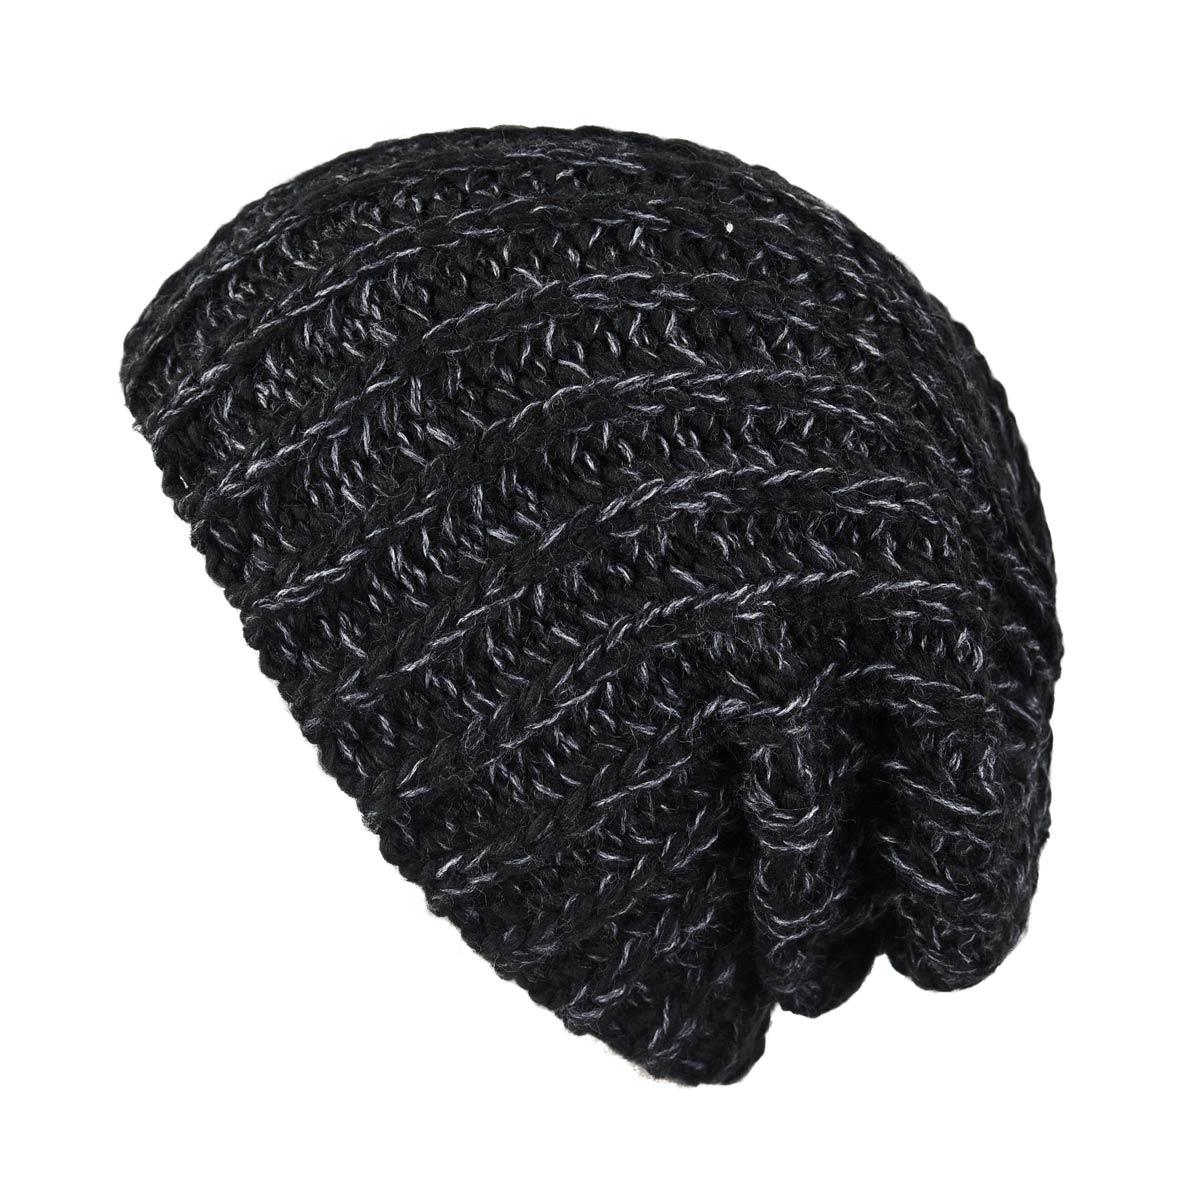 CP-01557_F12-1--_Bonnet-long-noir